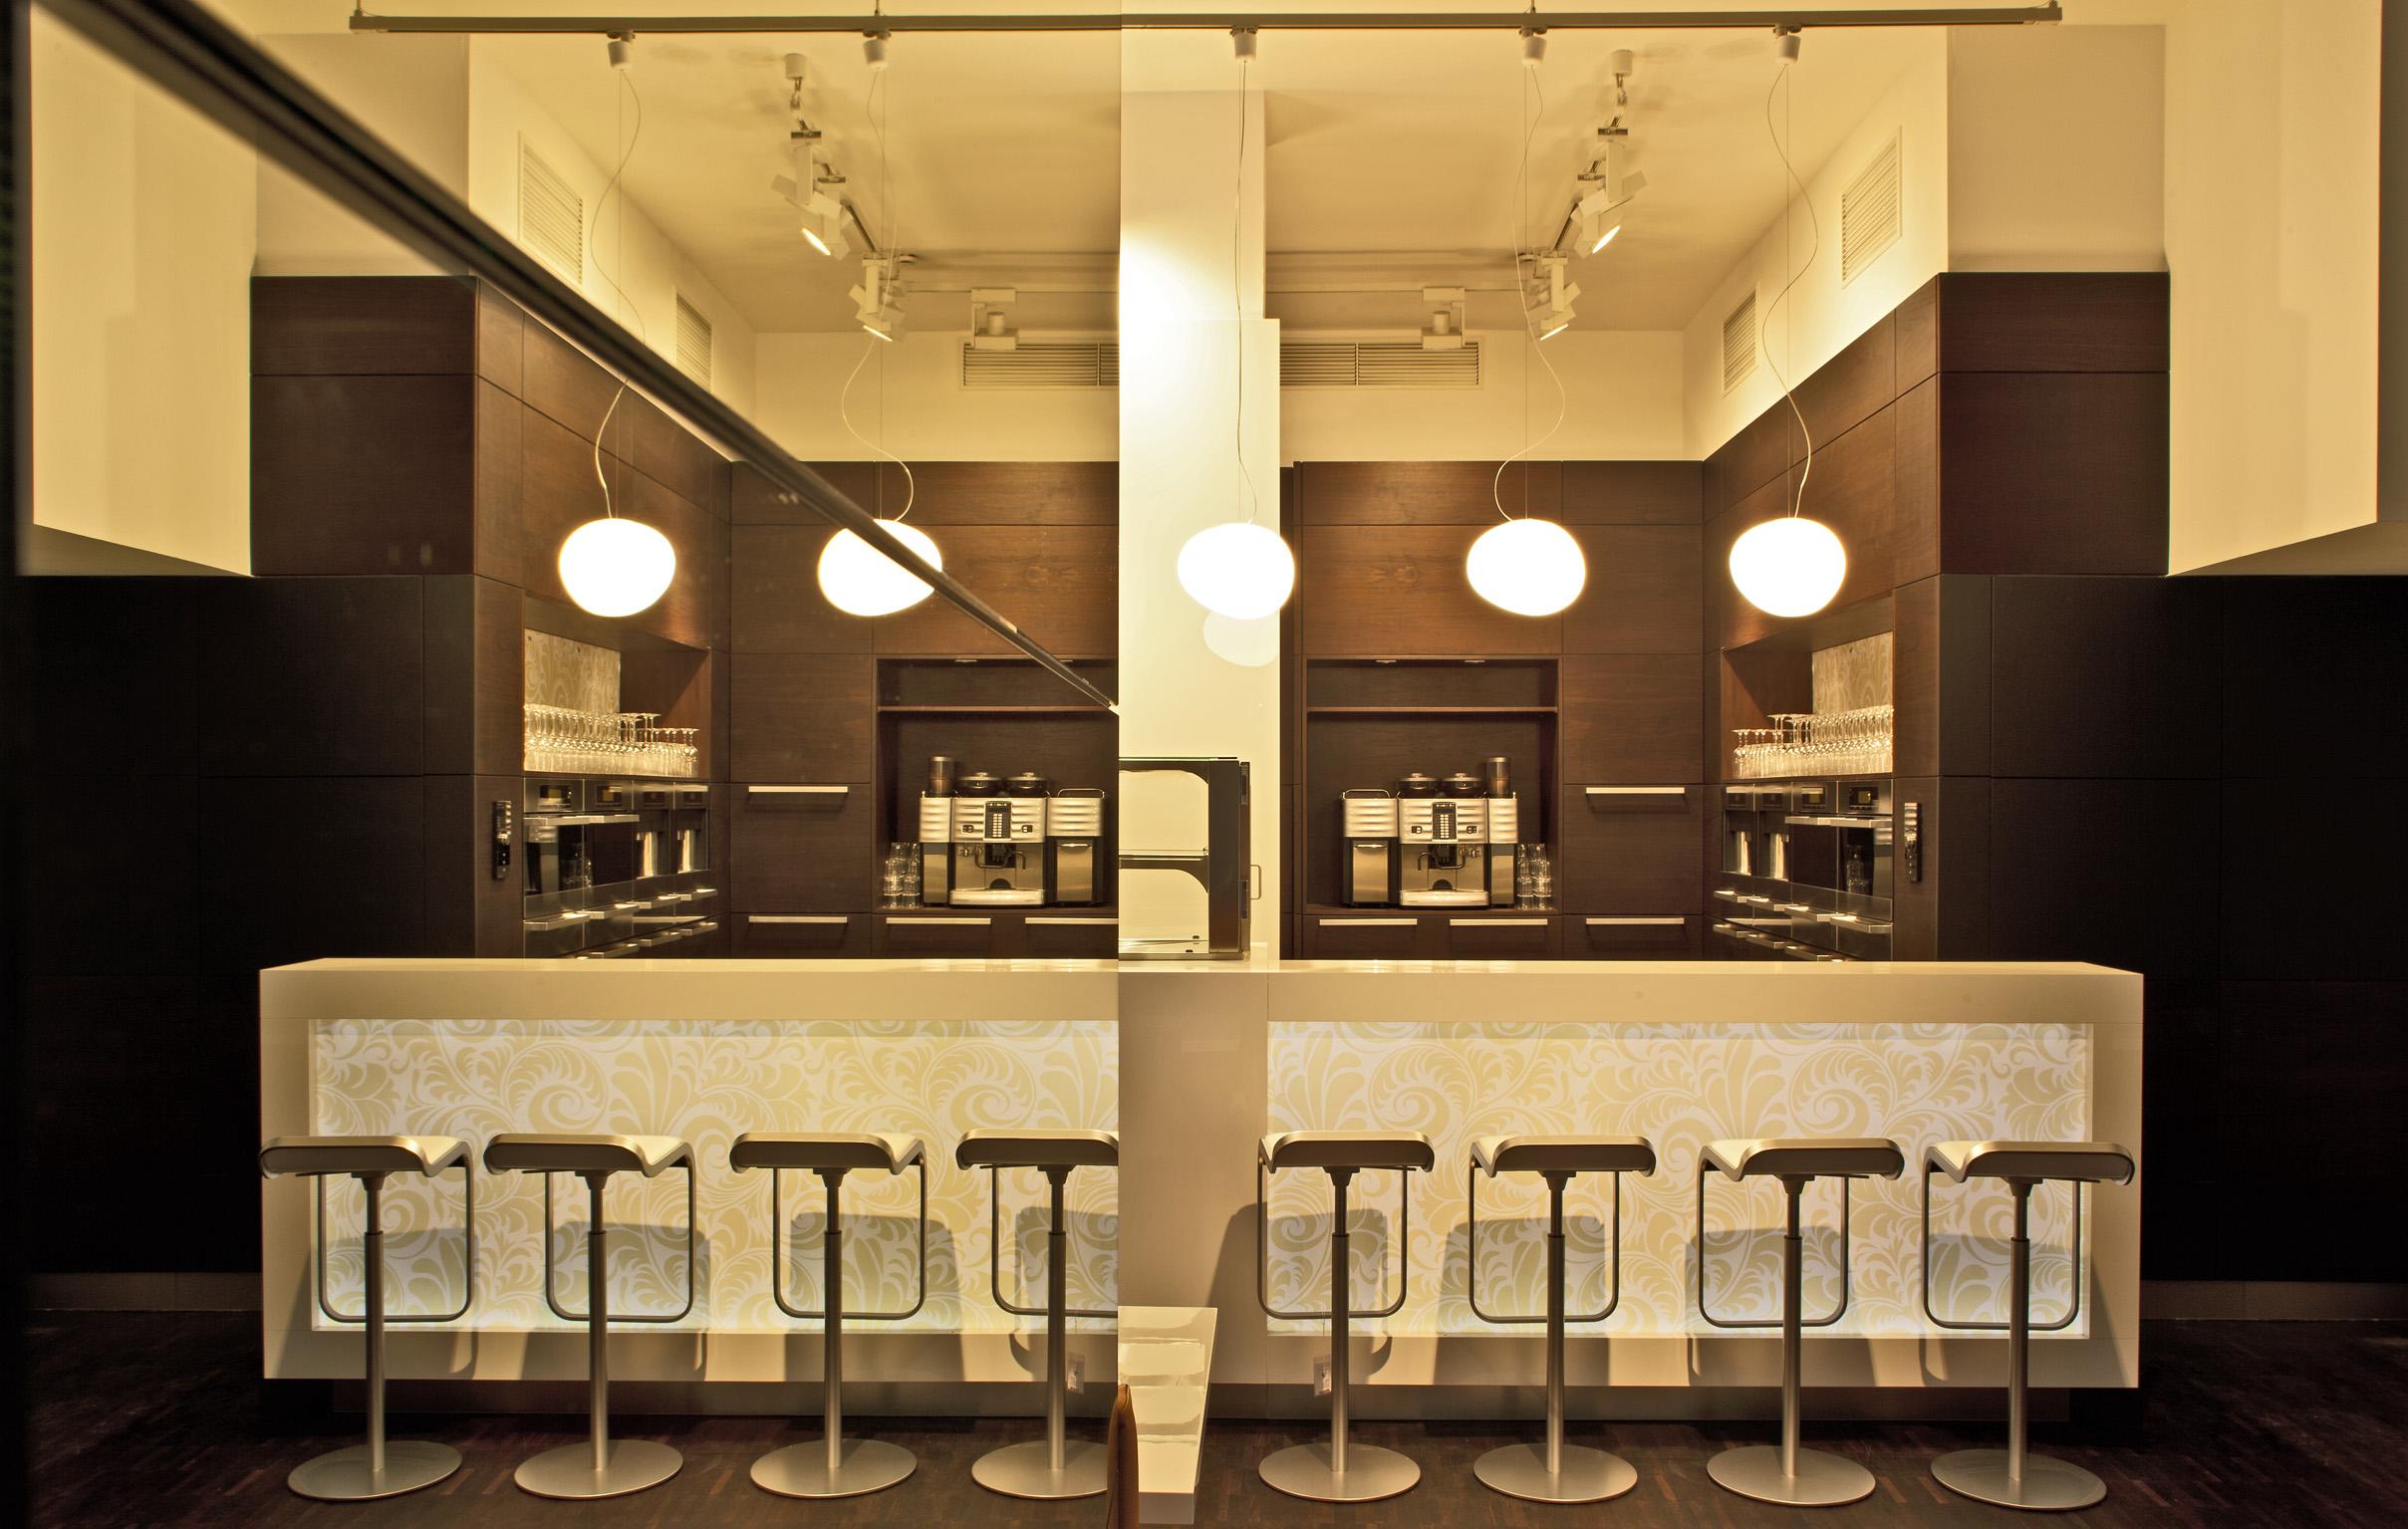 Das Miele Cafe Hat Auch Aussenplatze Im Innenhof Hier Konnen Sich